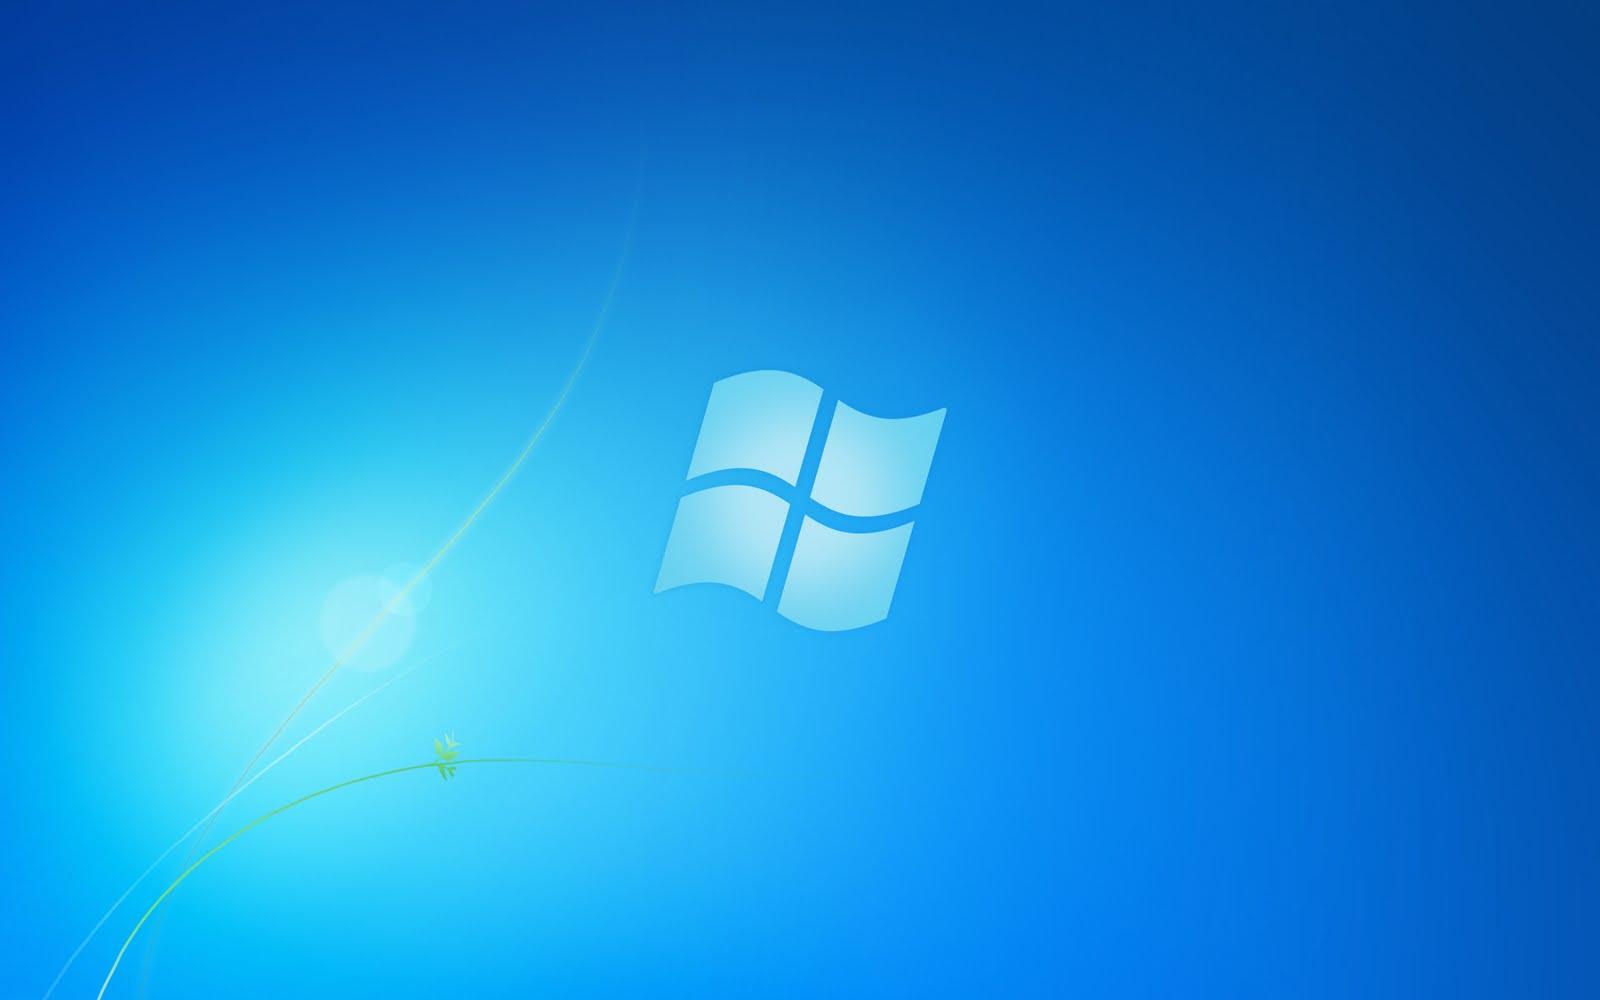 Fondos De Pantalla Windows 7 Starter Fondos De Pantalla